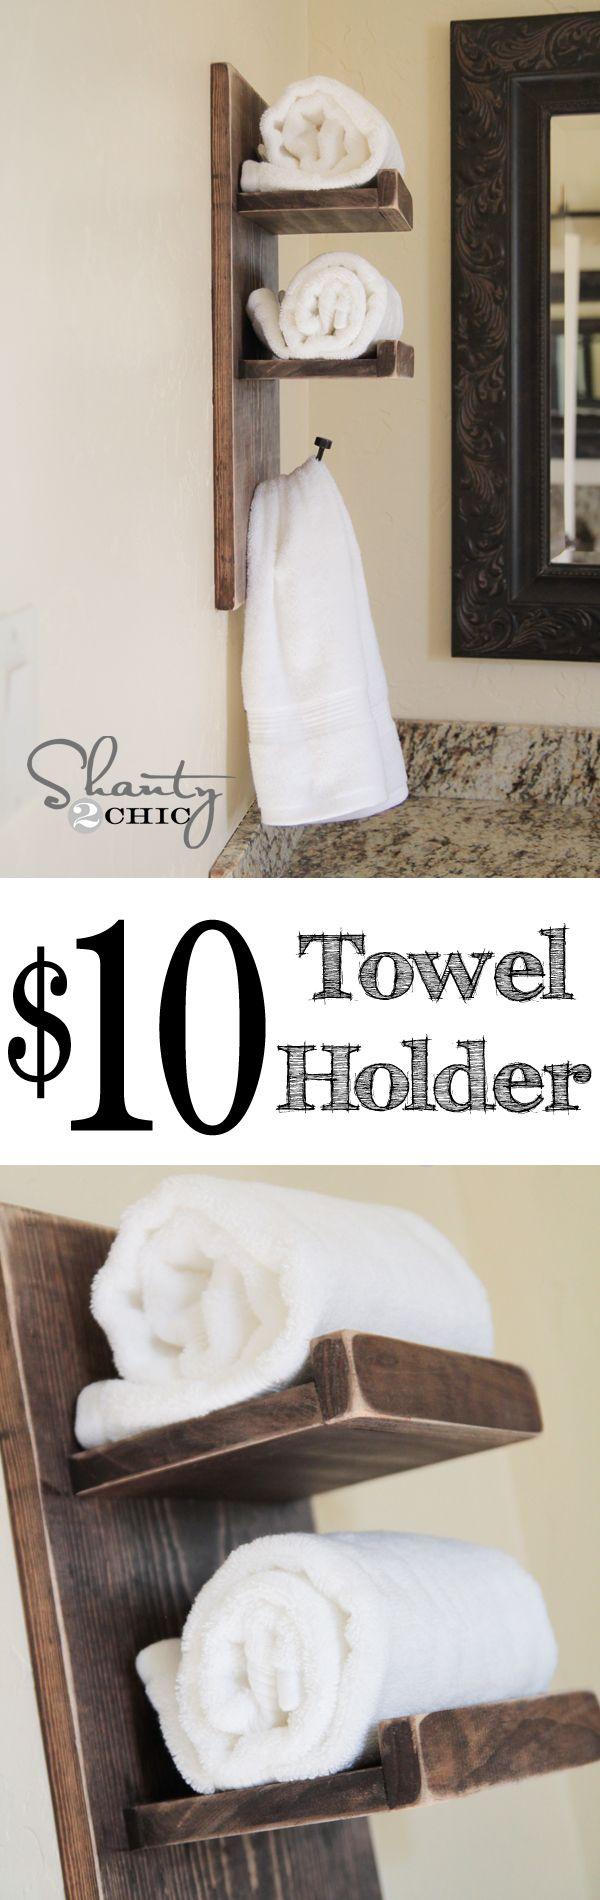 Super Cute DIY Towel Holder! | Diy towel holders, Towel holders and ...